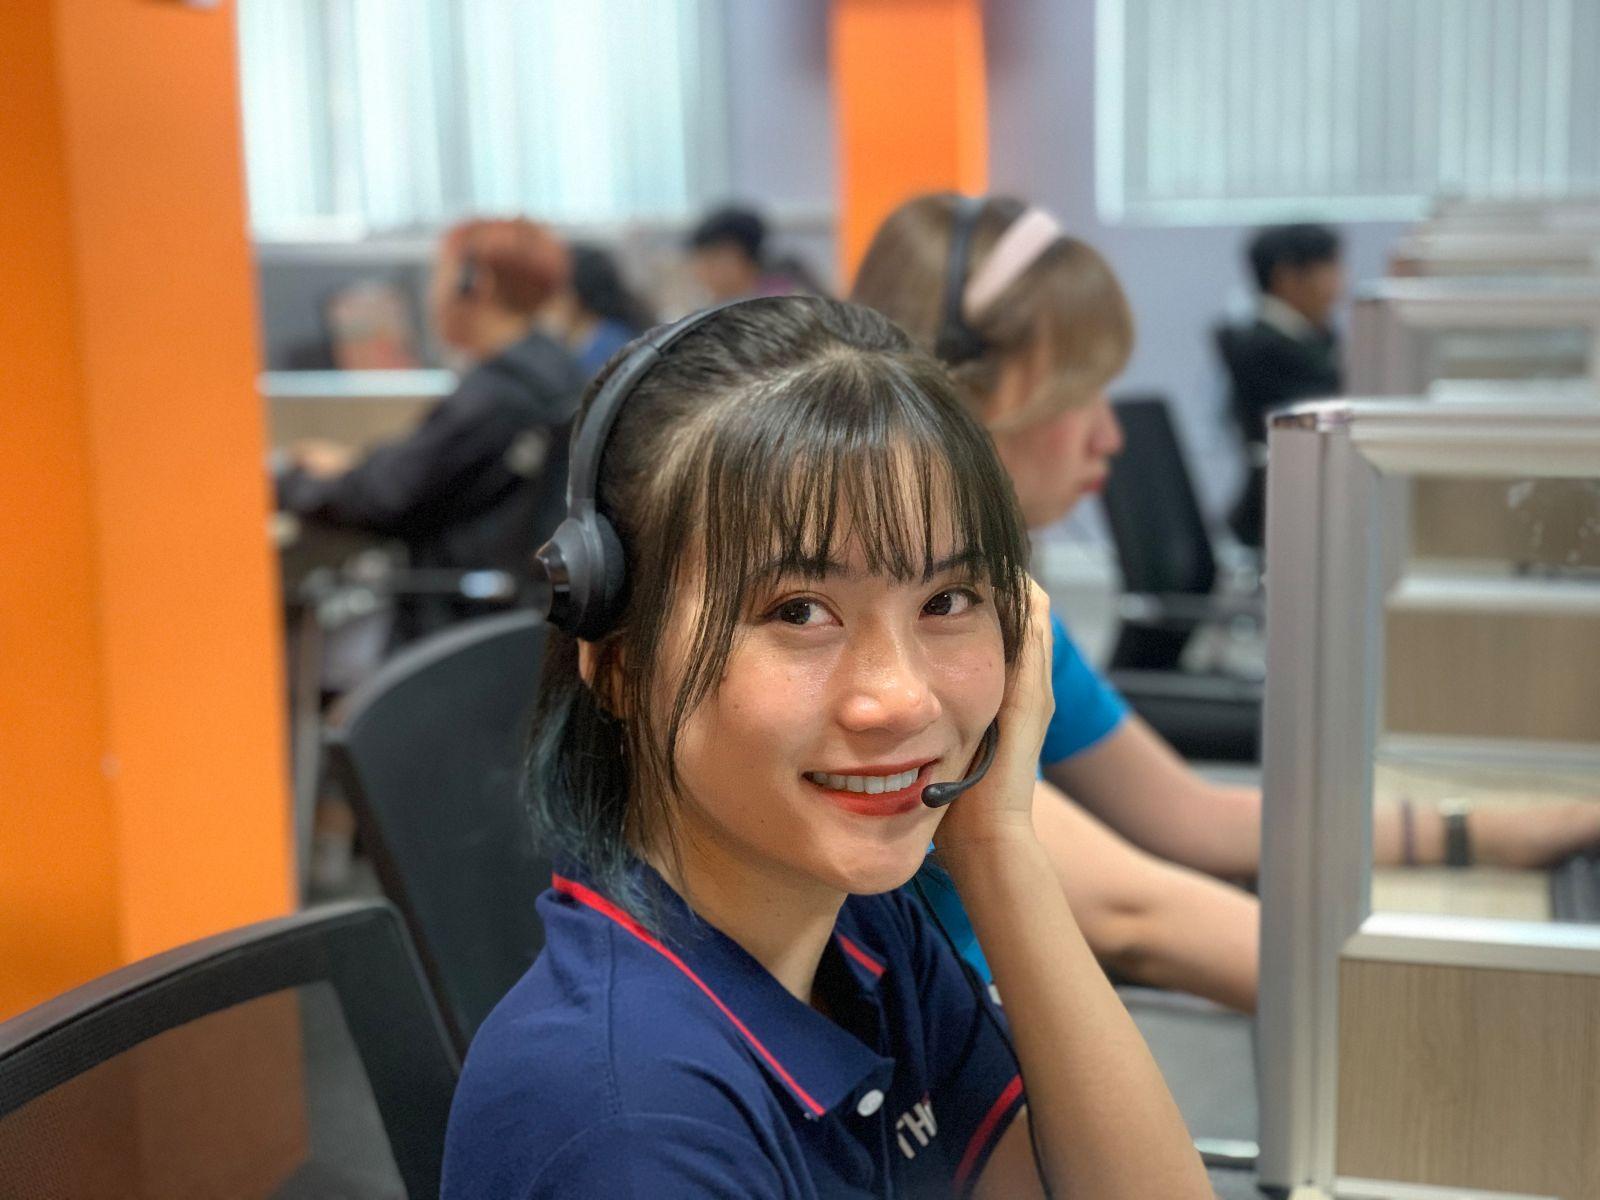 thien tu call center agent